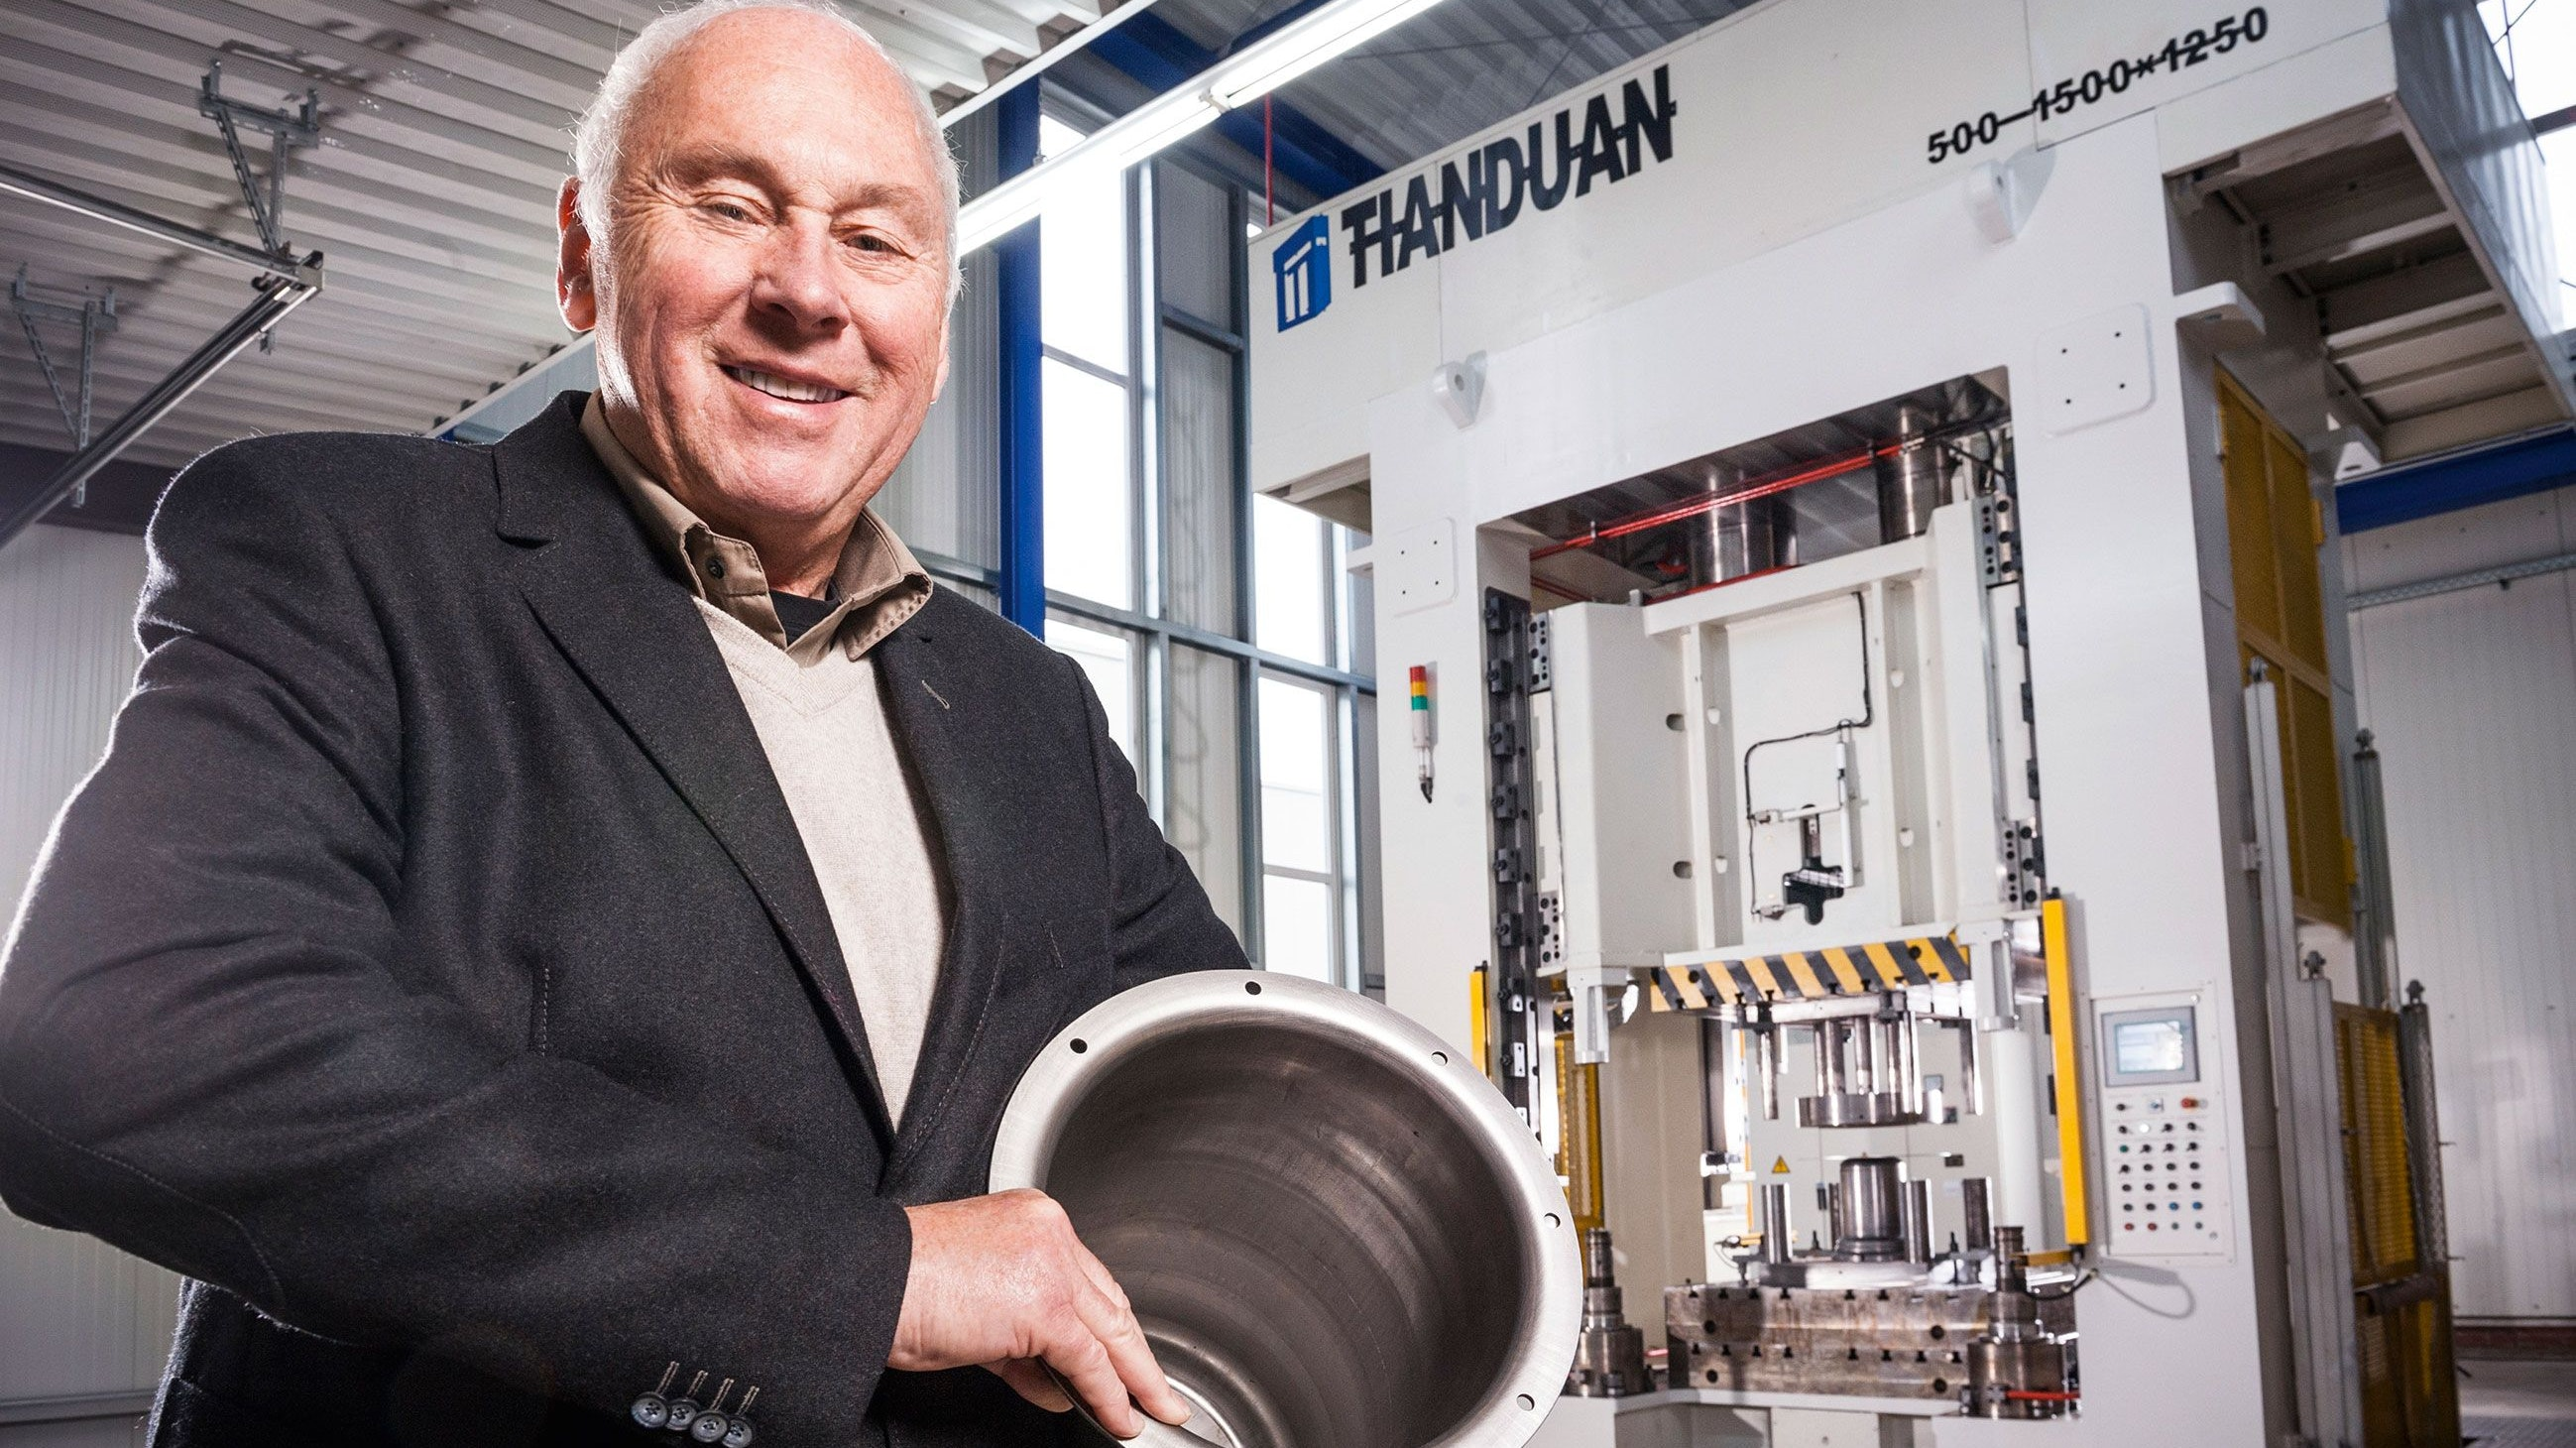 """Innovativer Qualitätsanlagenbau mit Edelstahl, dafür steht Erich Stallkamp. Er wurde im Jahr 2014 als """"Unternehmer des Jahres"""" geehrt. Foto: Gerald Lampe / foto:hölzen"""